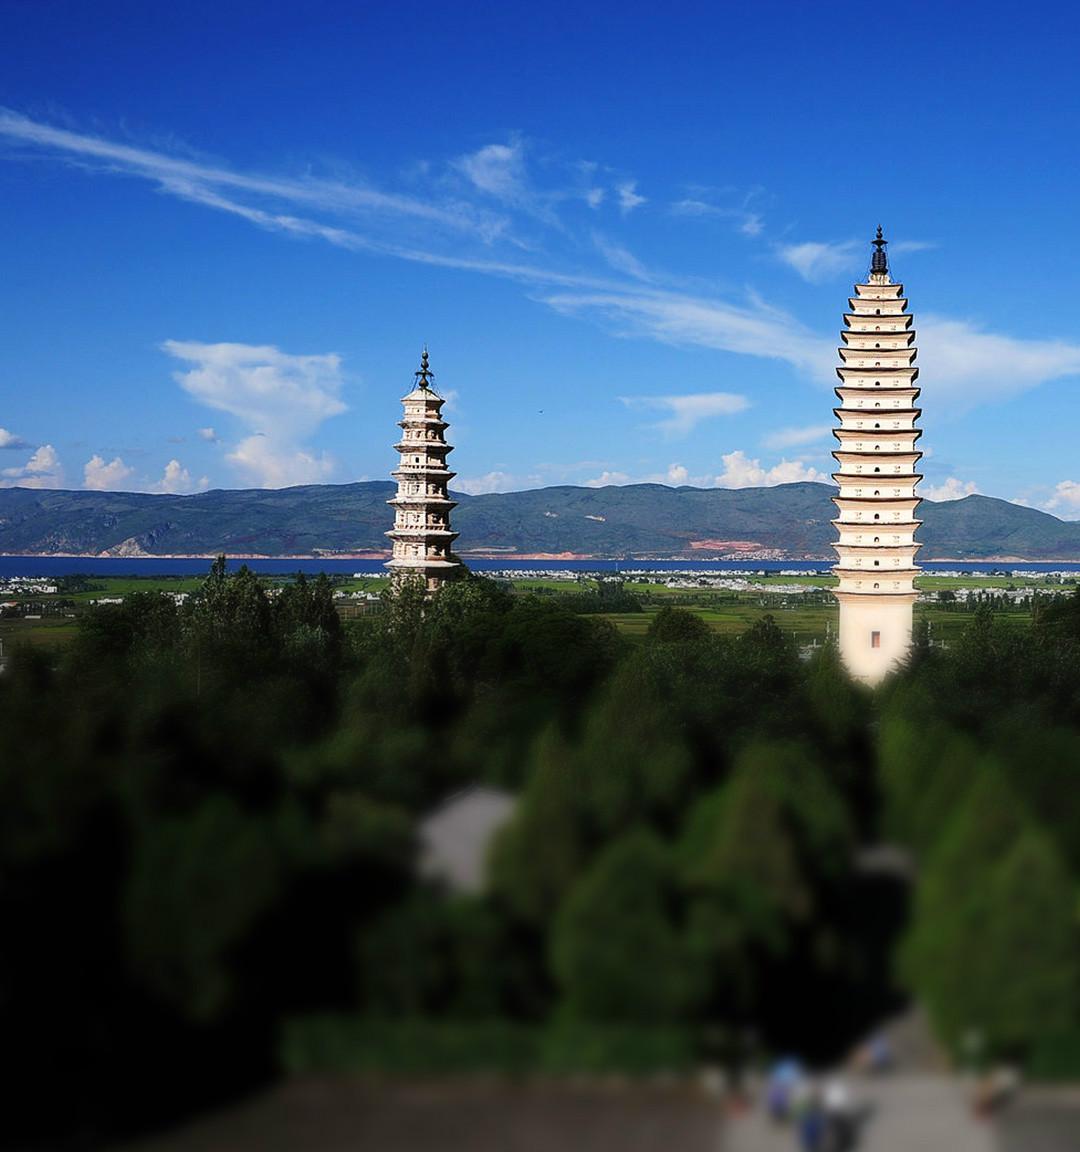 云南建筑风景照